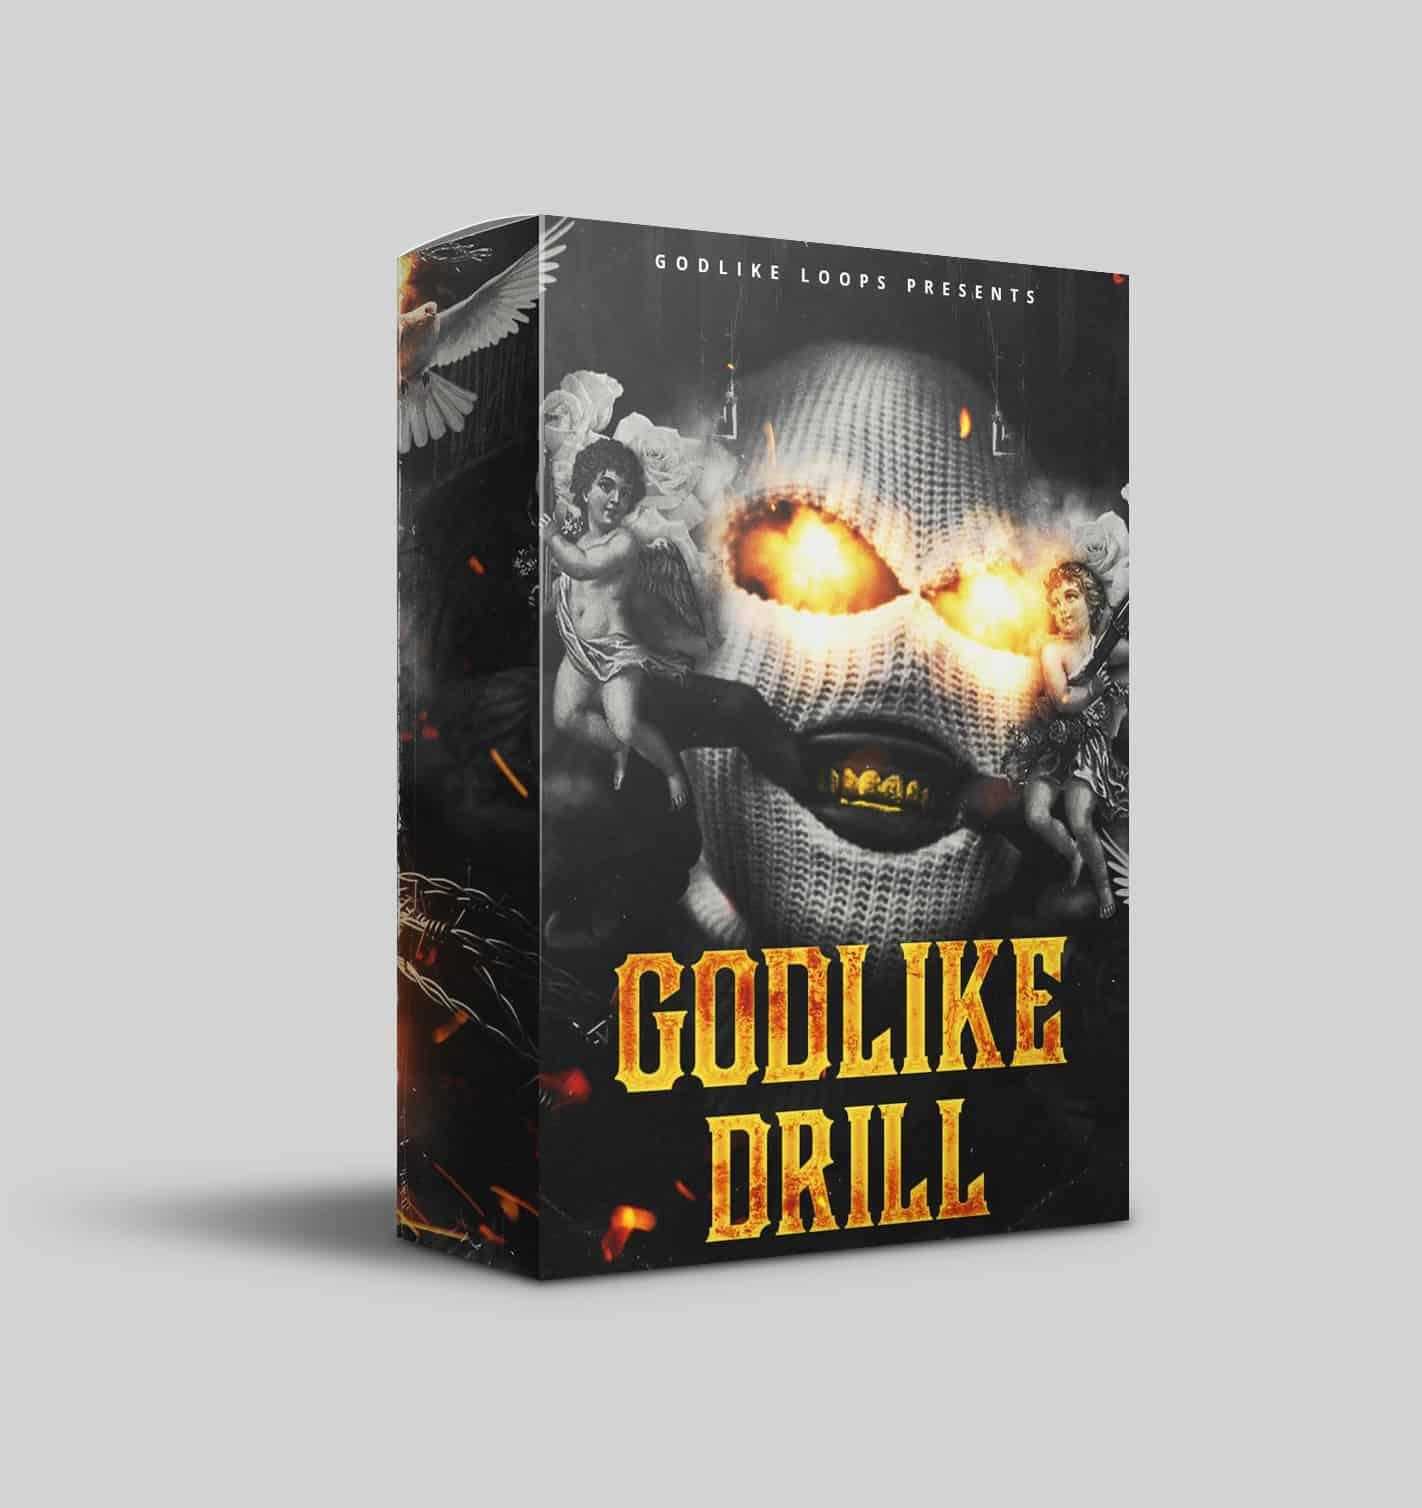 Godlike Loops - Godlike Drill